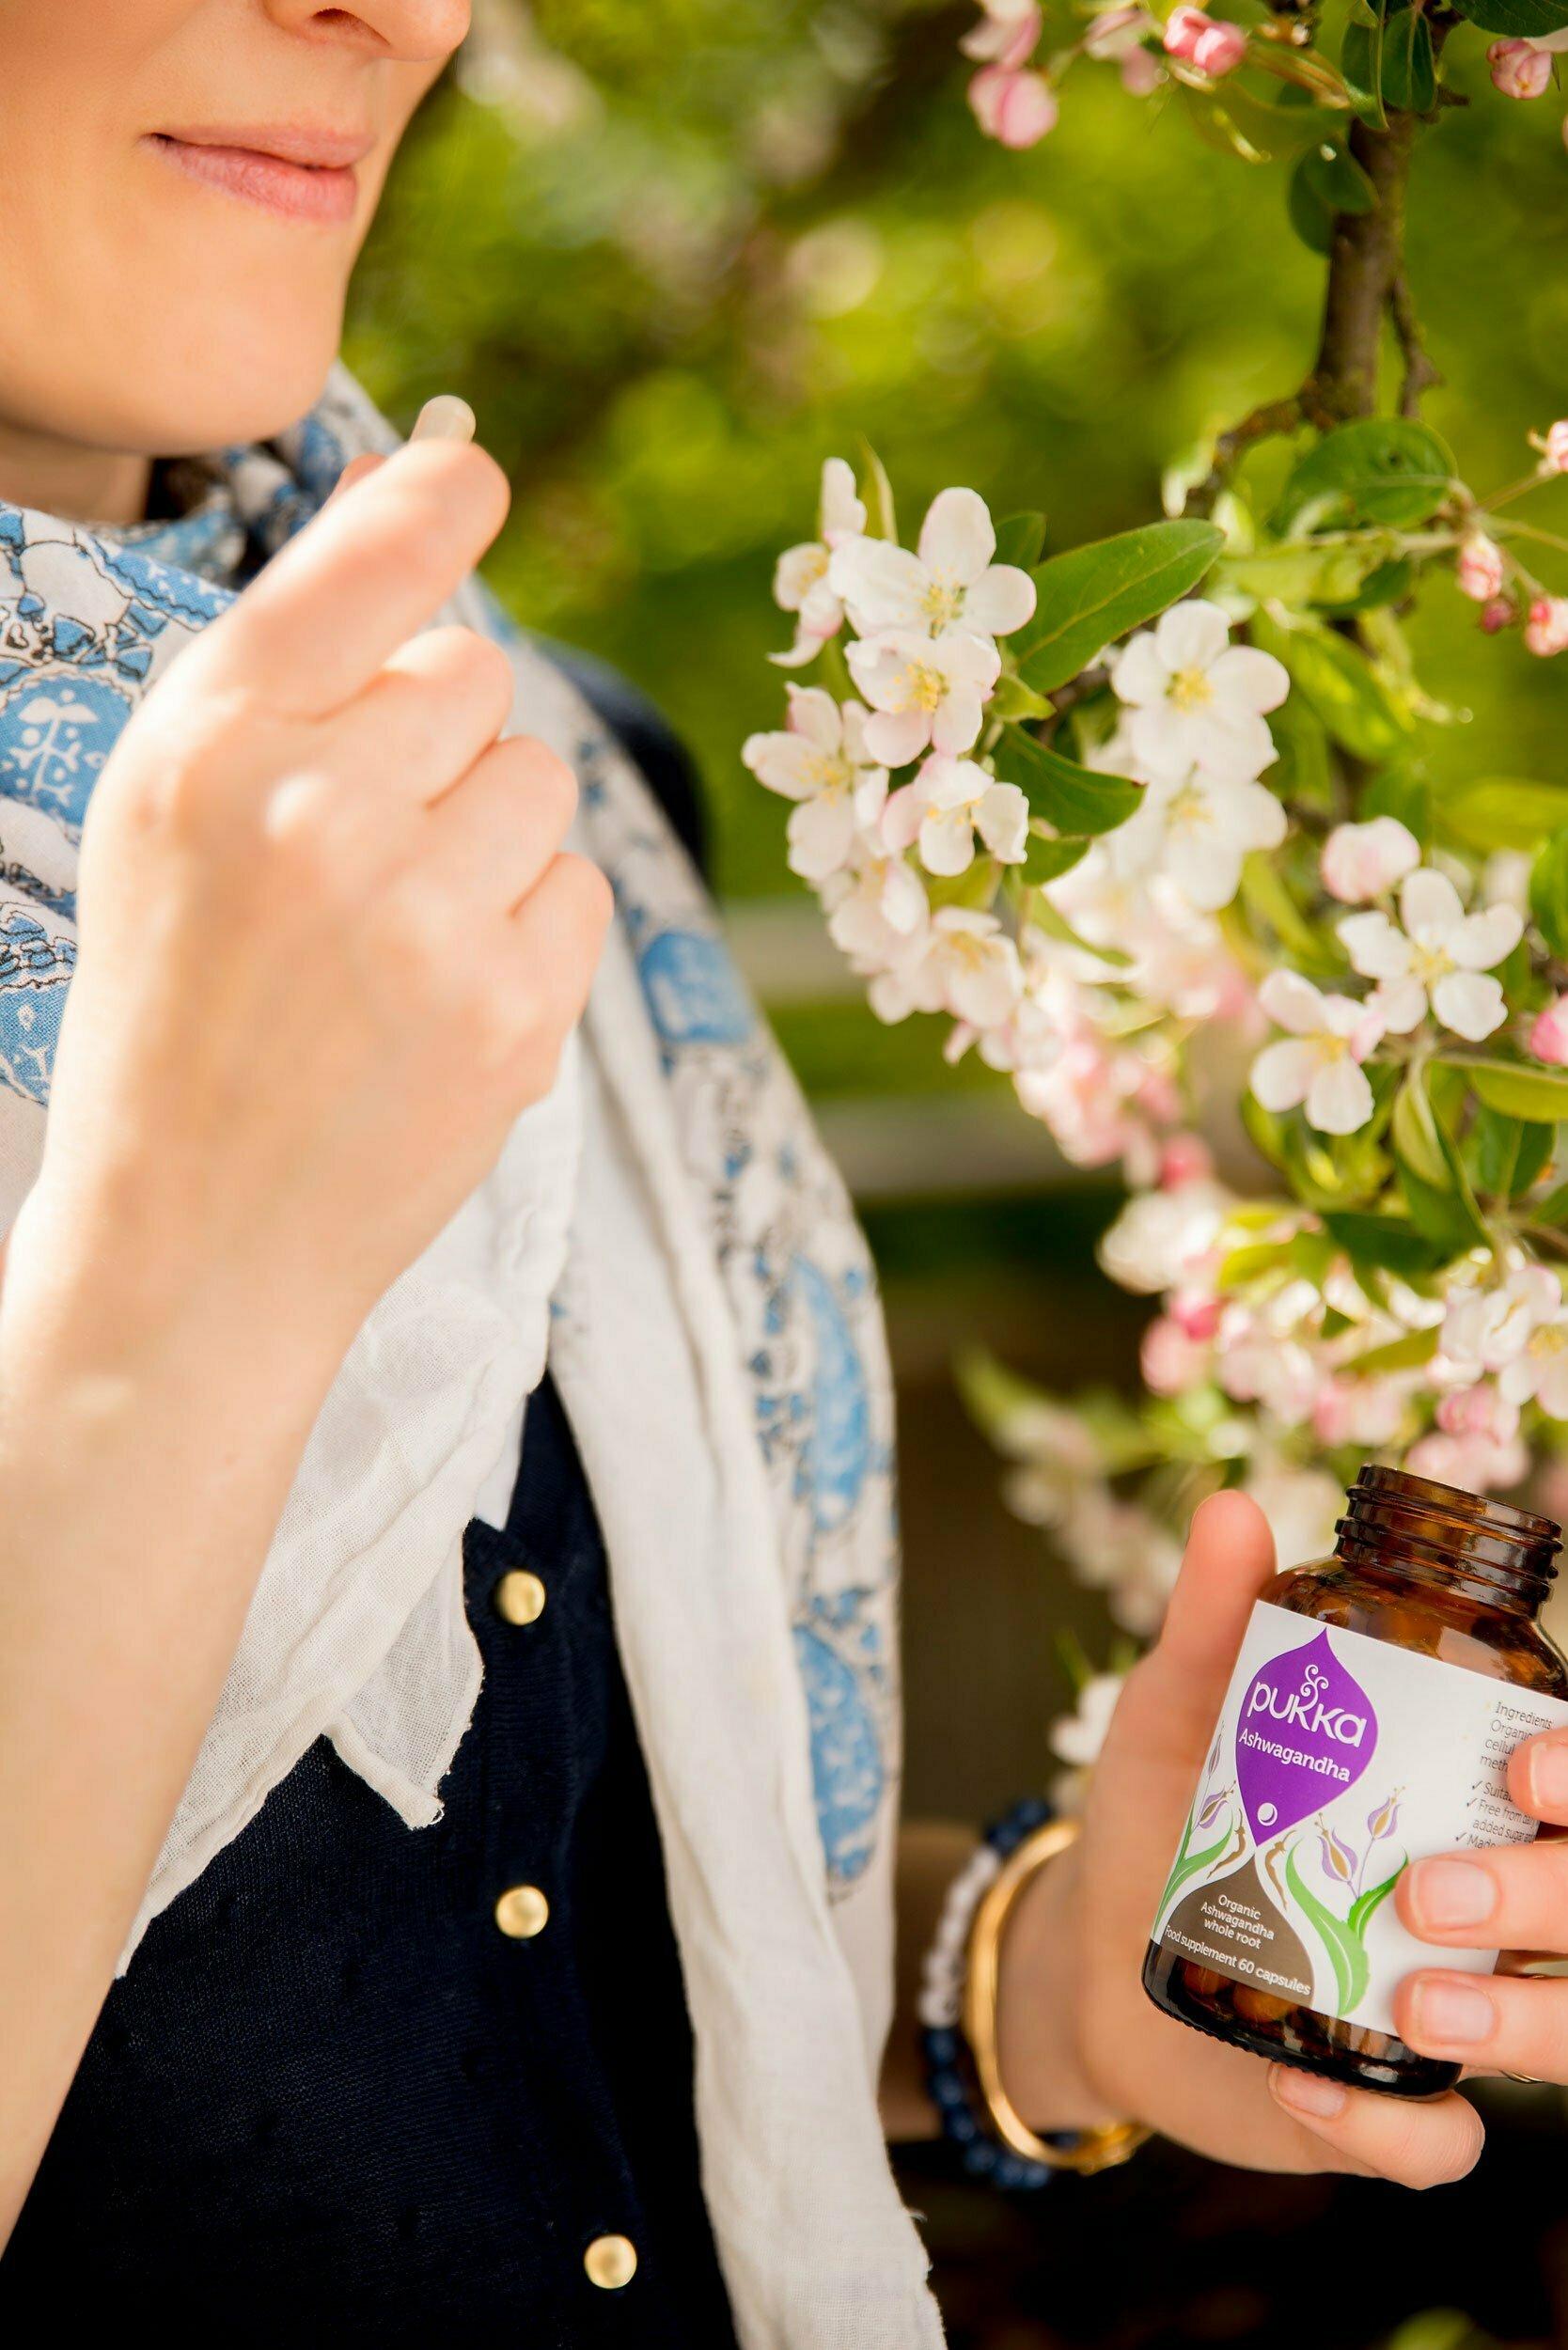 hjälp mot stress, kosttillskott, naturlläkemedel